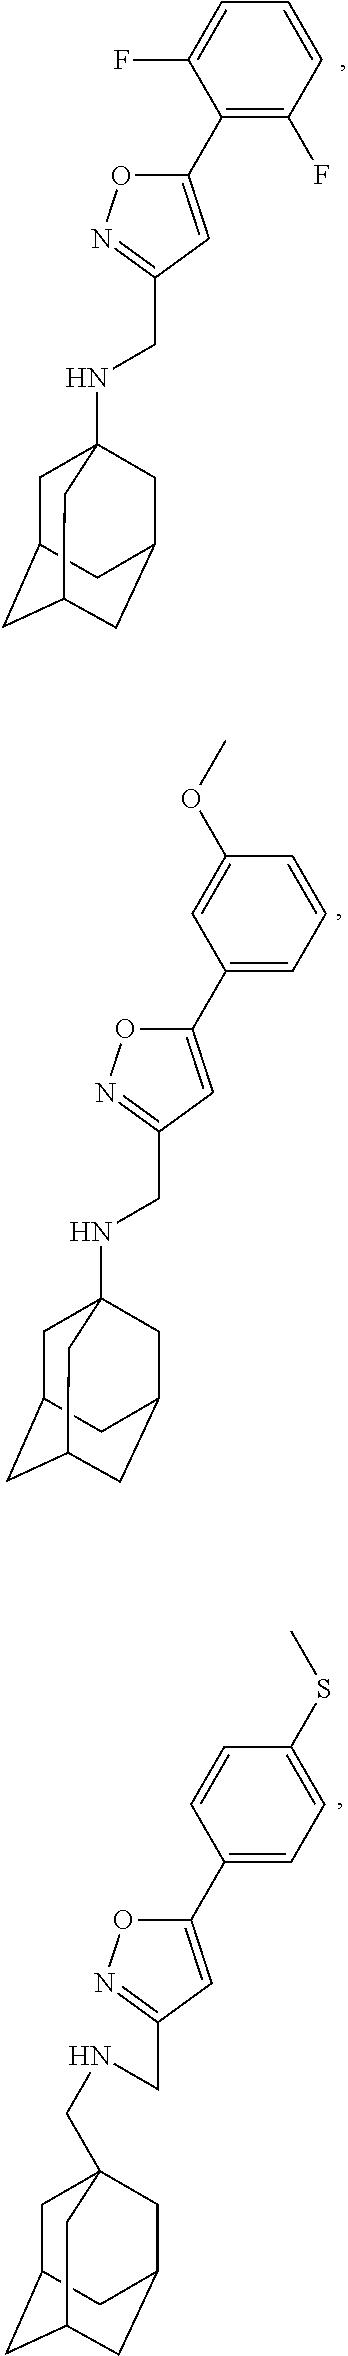 Figure US09884832-20180206-C00084